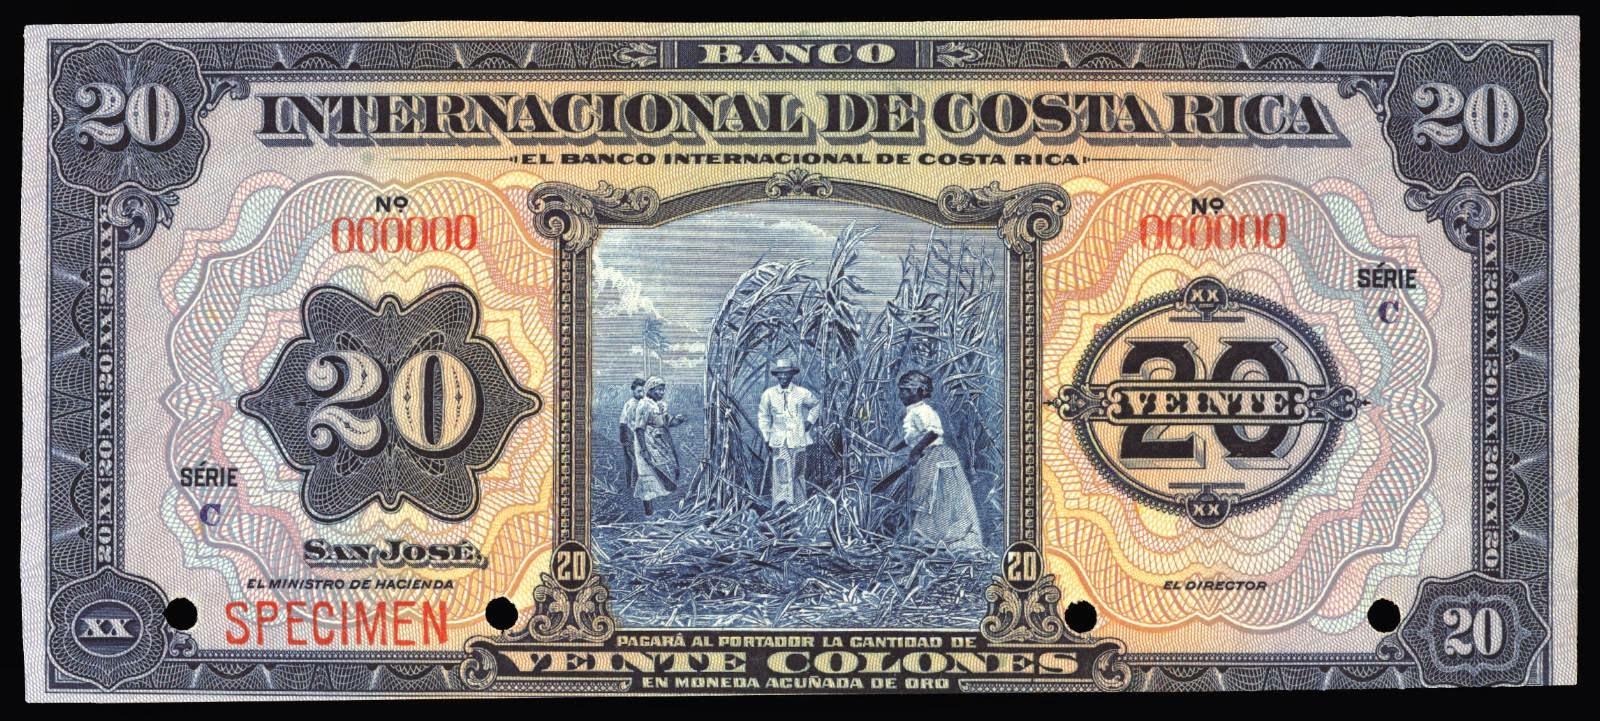 Costa Rica banknotes 20 Colones bank note 1936 Banco Internacional de Costa Rica